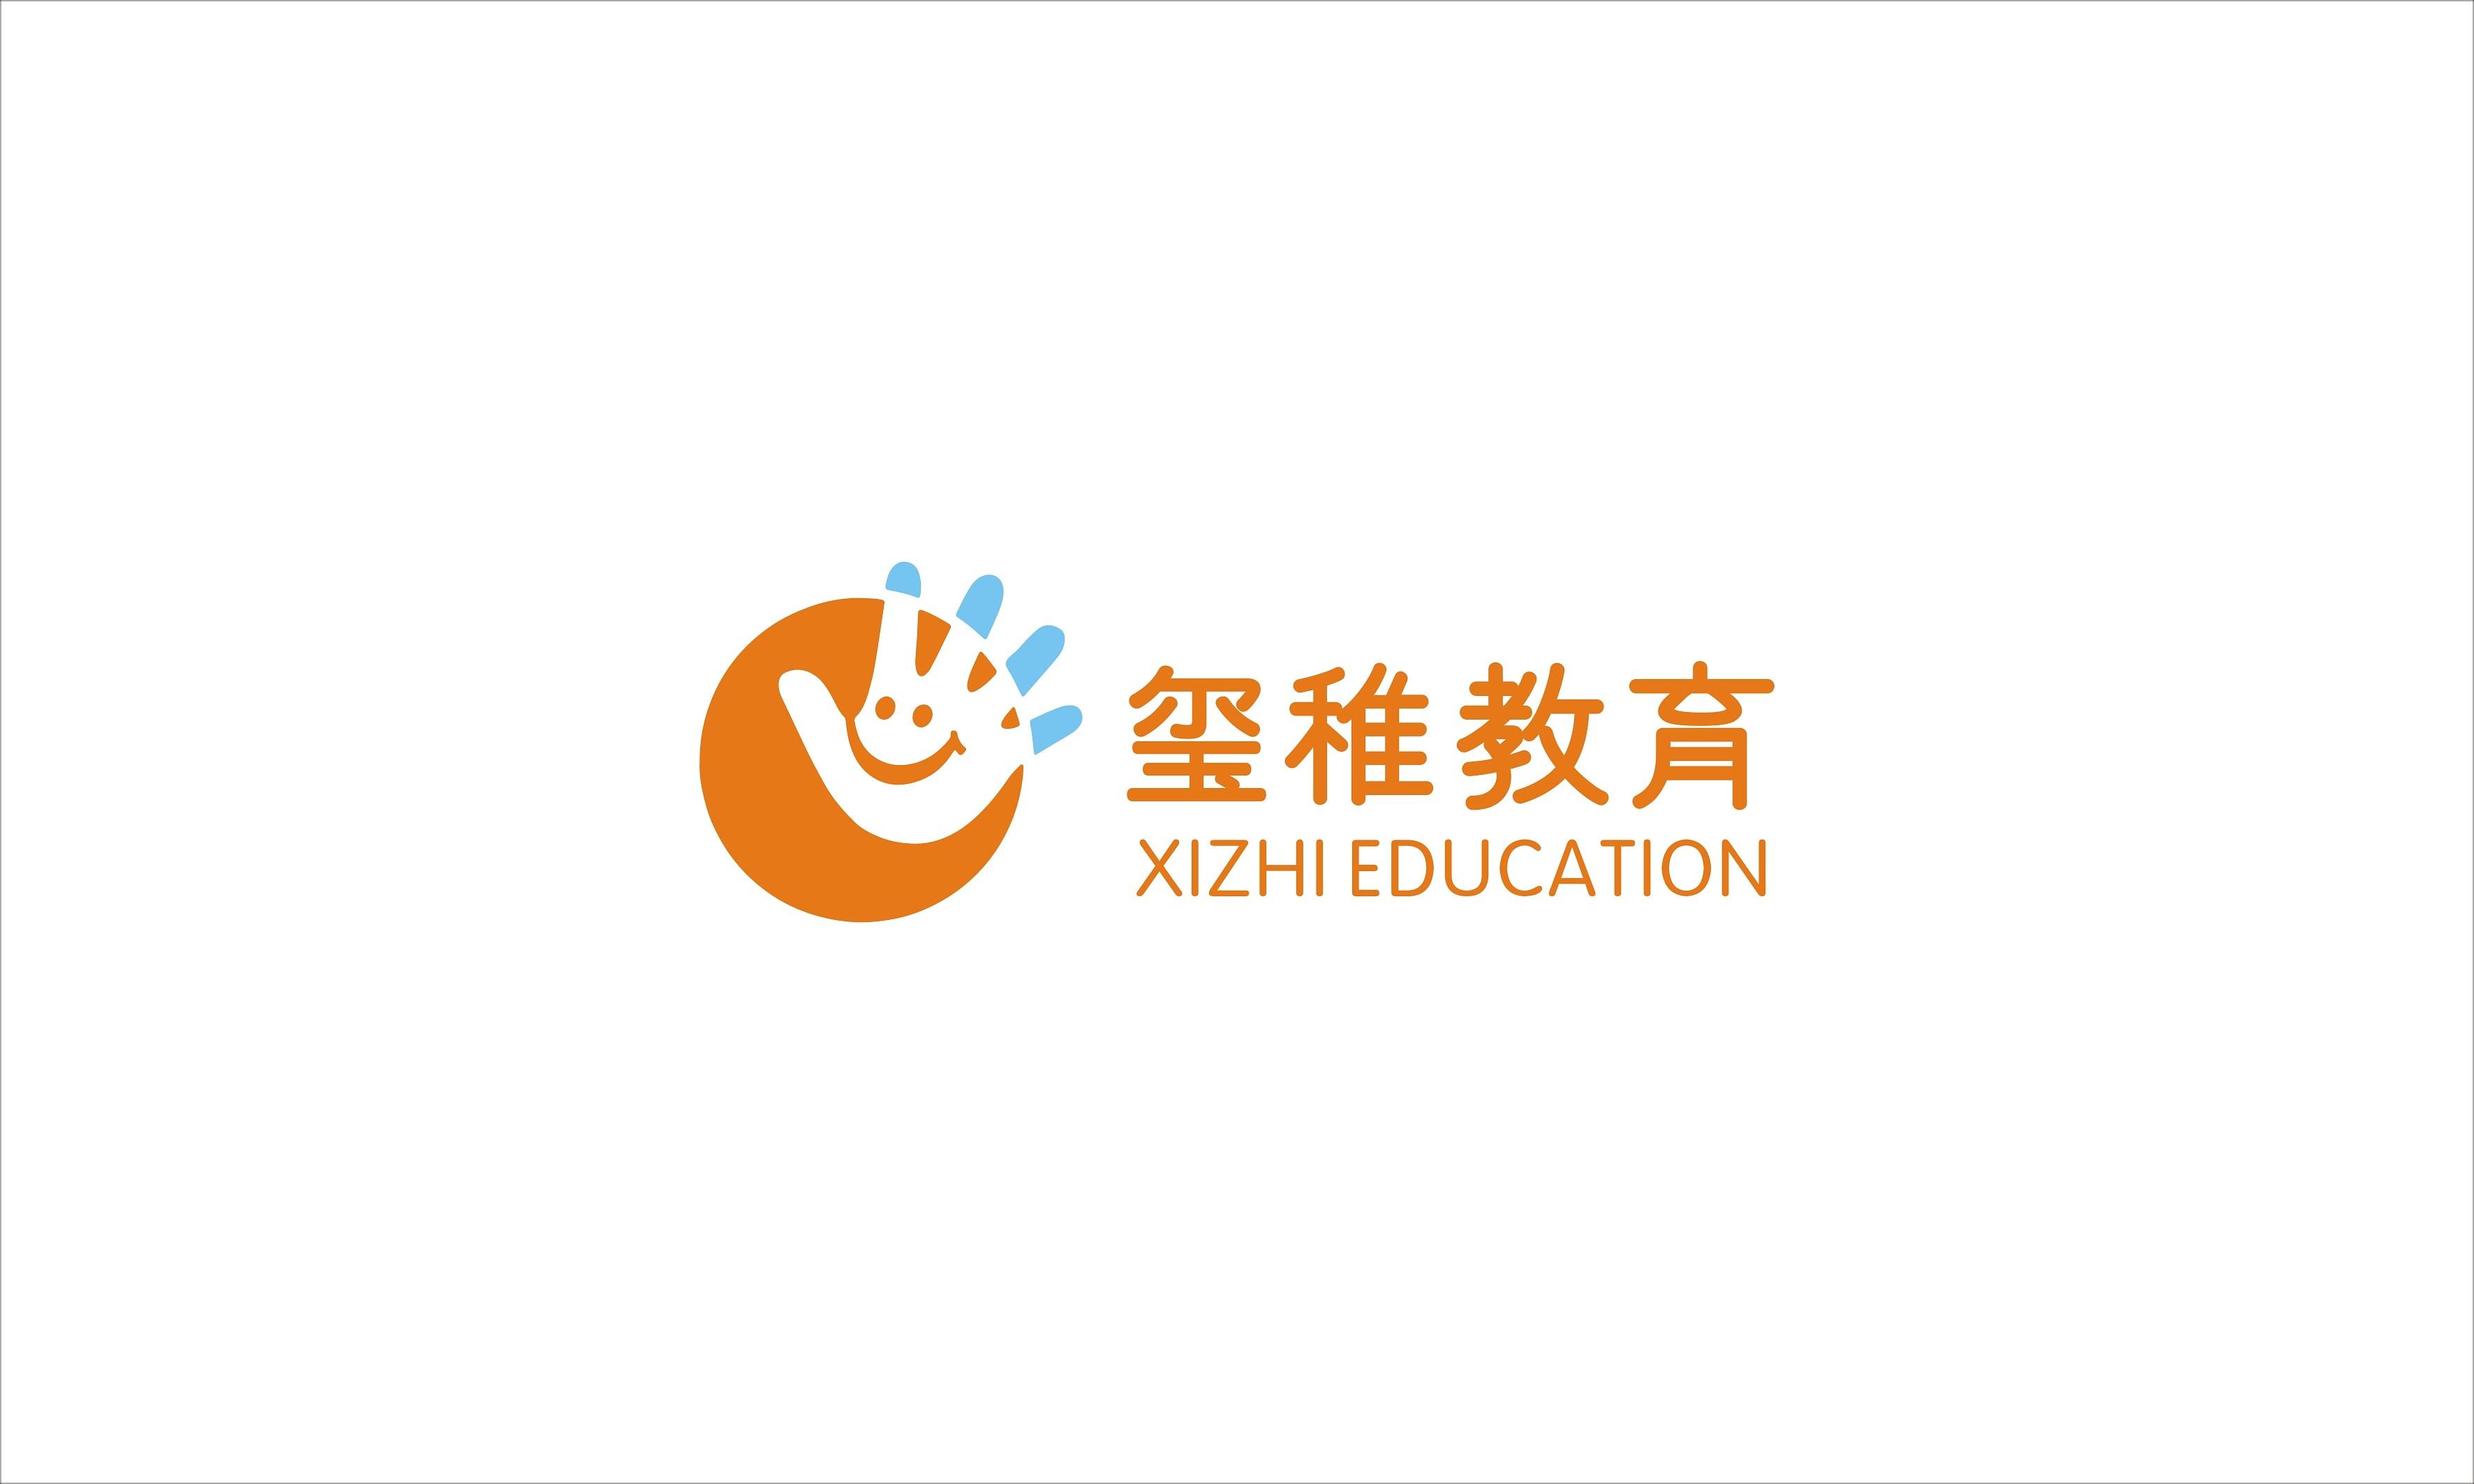 璽稚教育logo.jpg